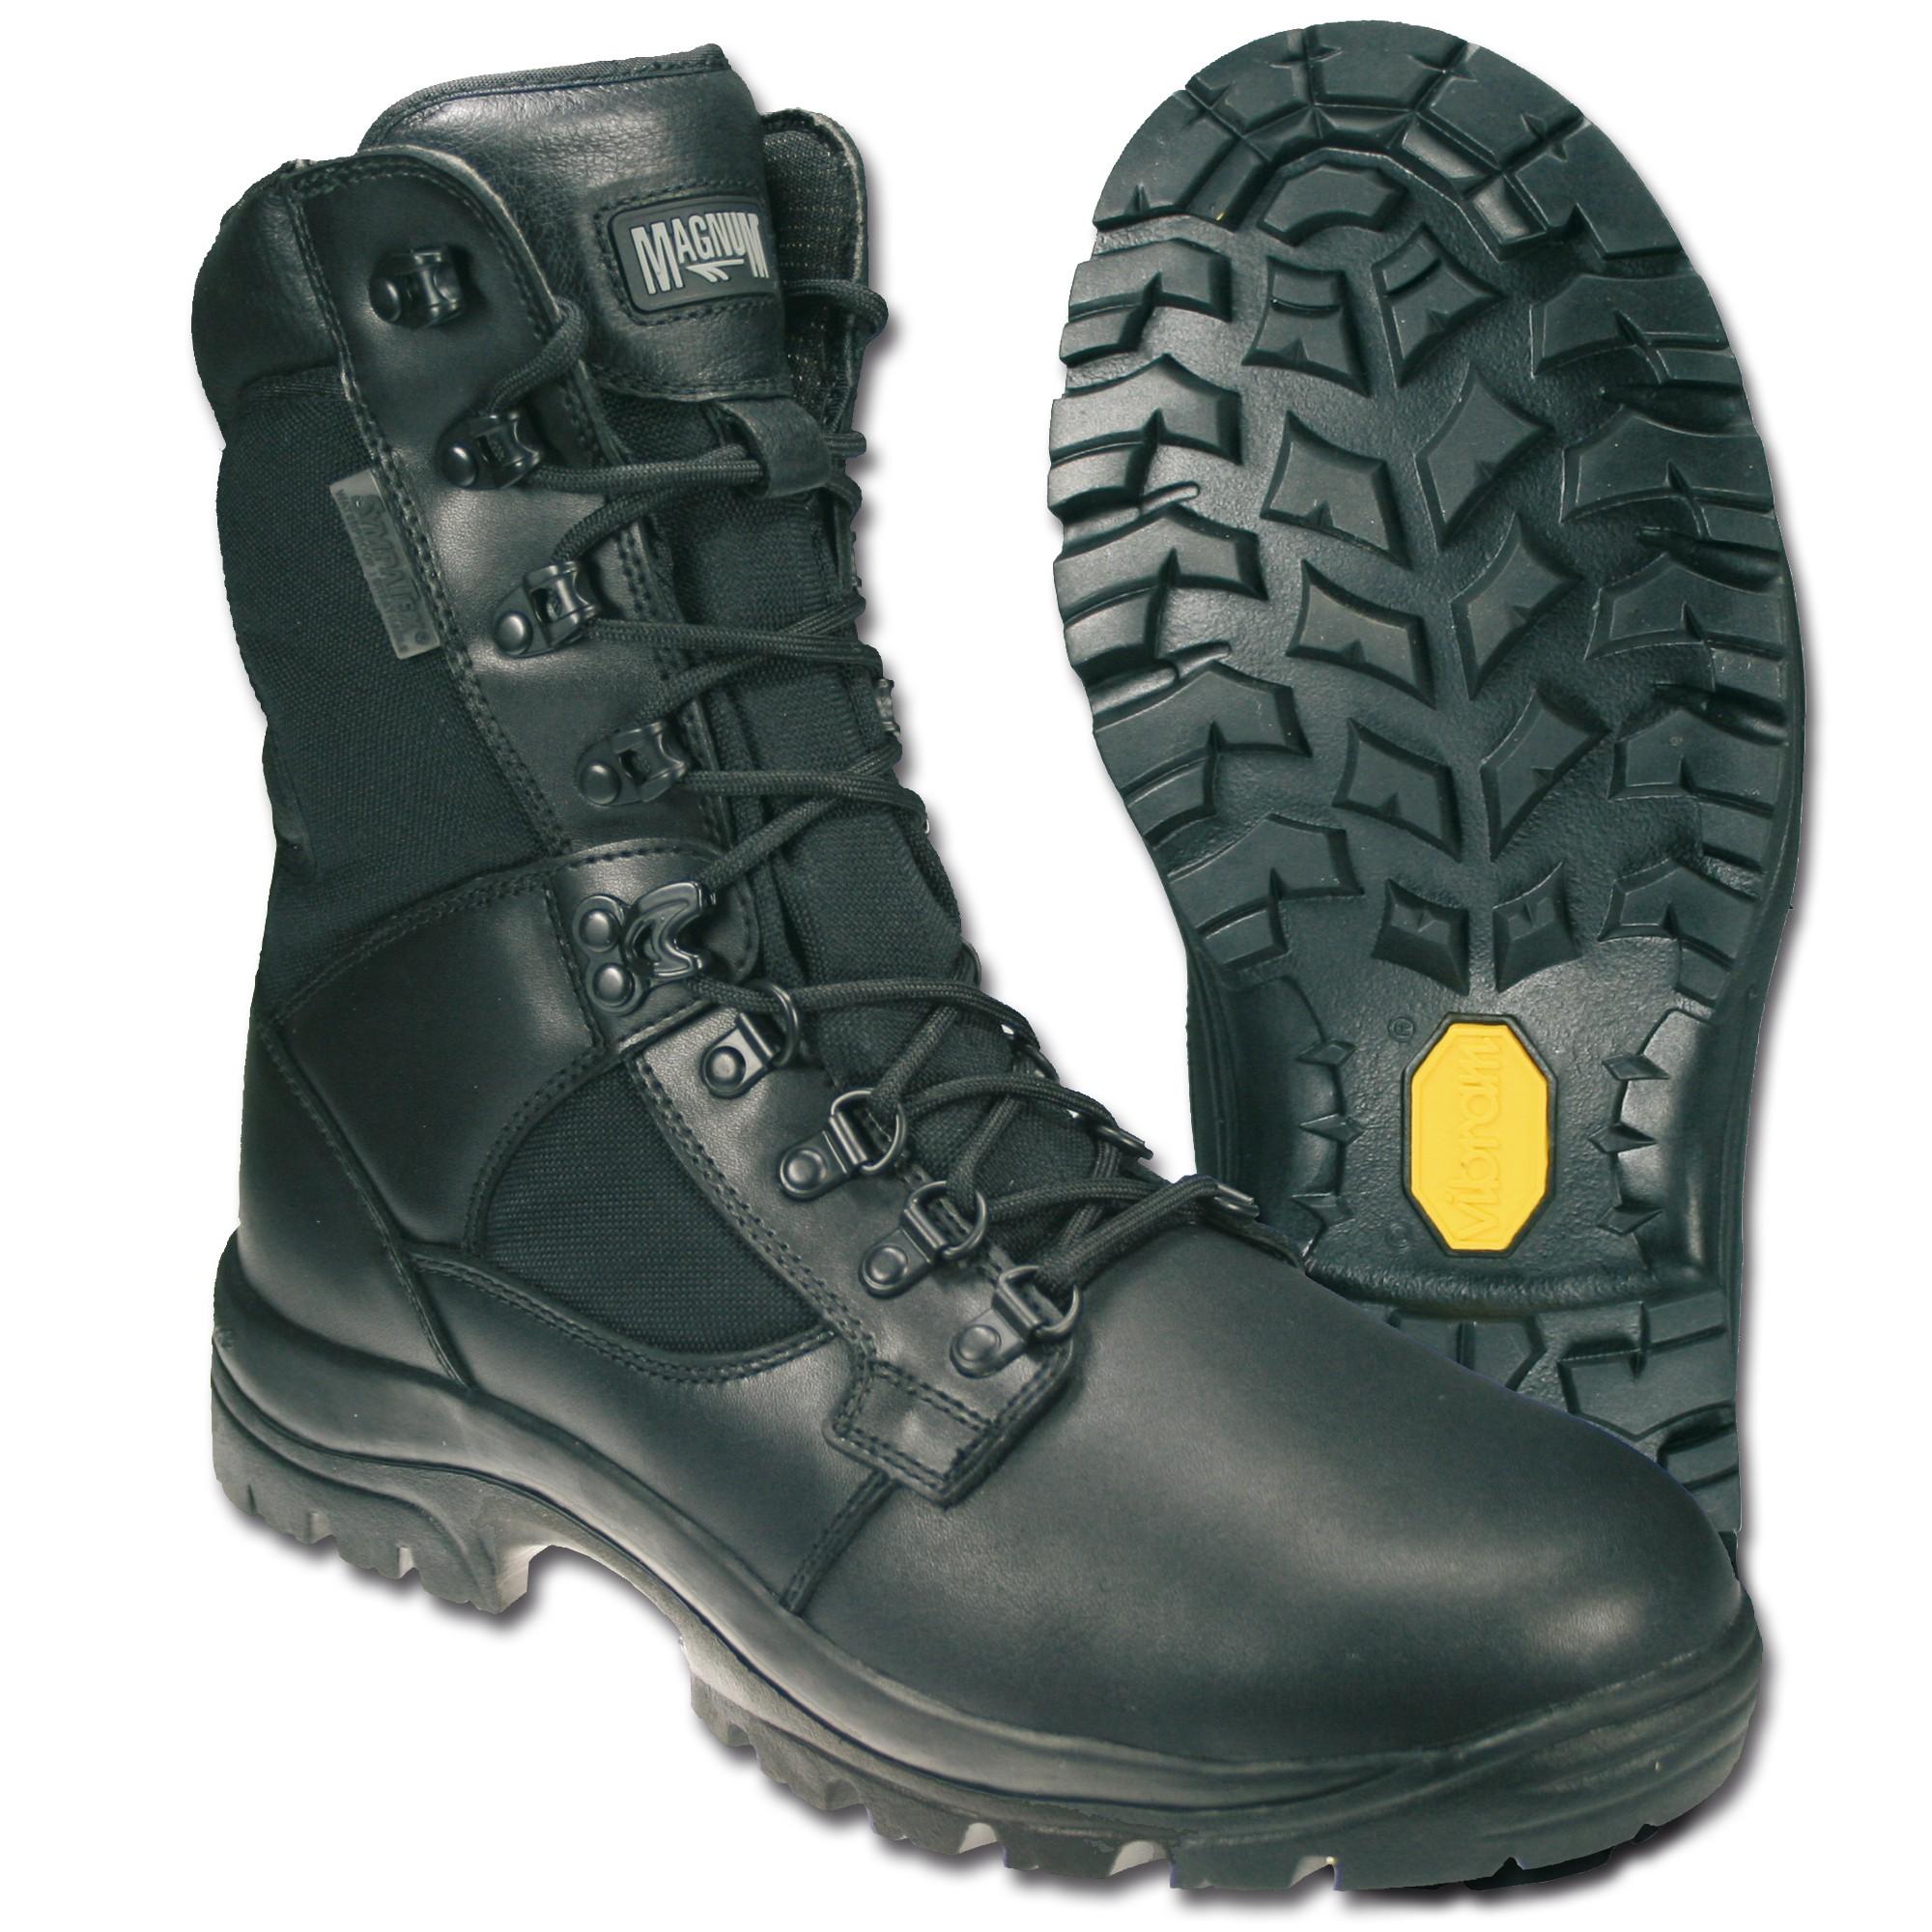 Boots Magnum Hi-Tec Elite 900 II 8WP